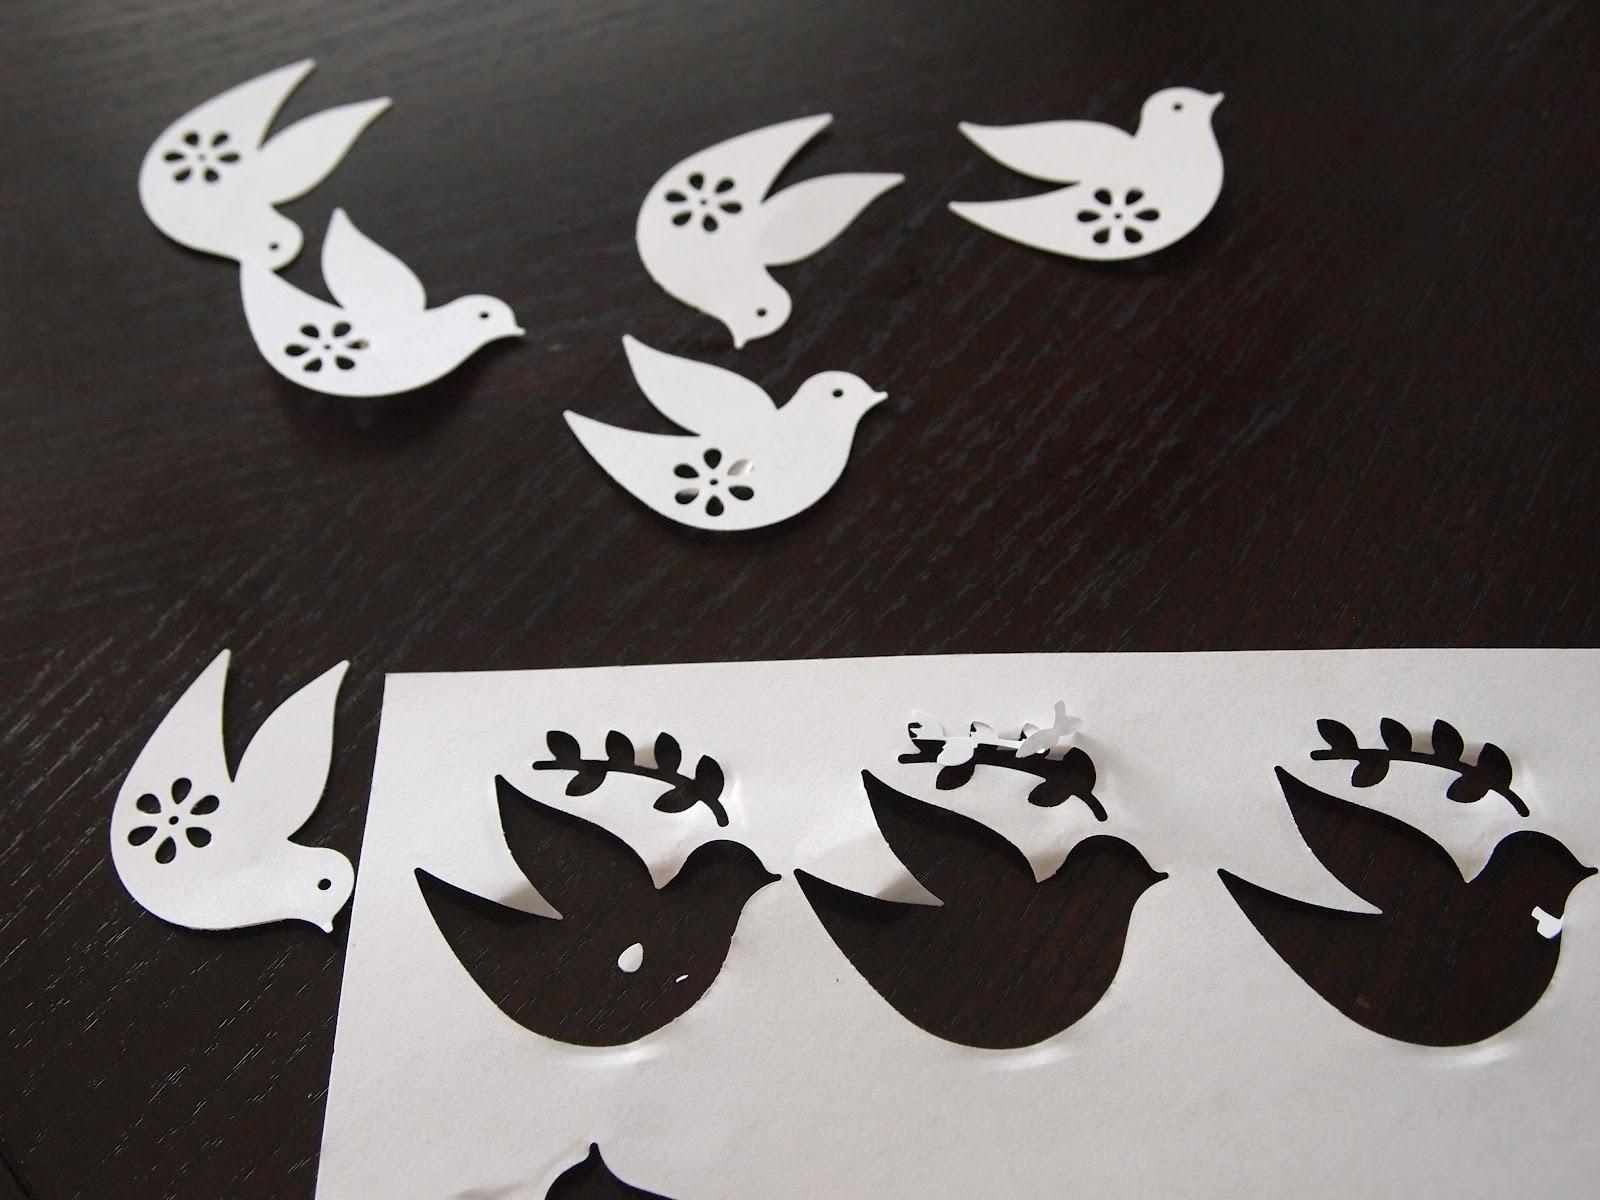 flor de piel: Preparación para Pentecostés en familia